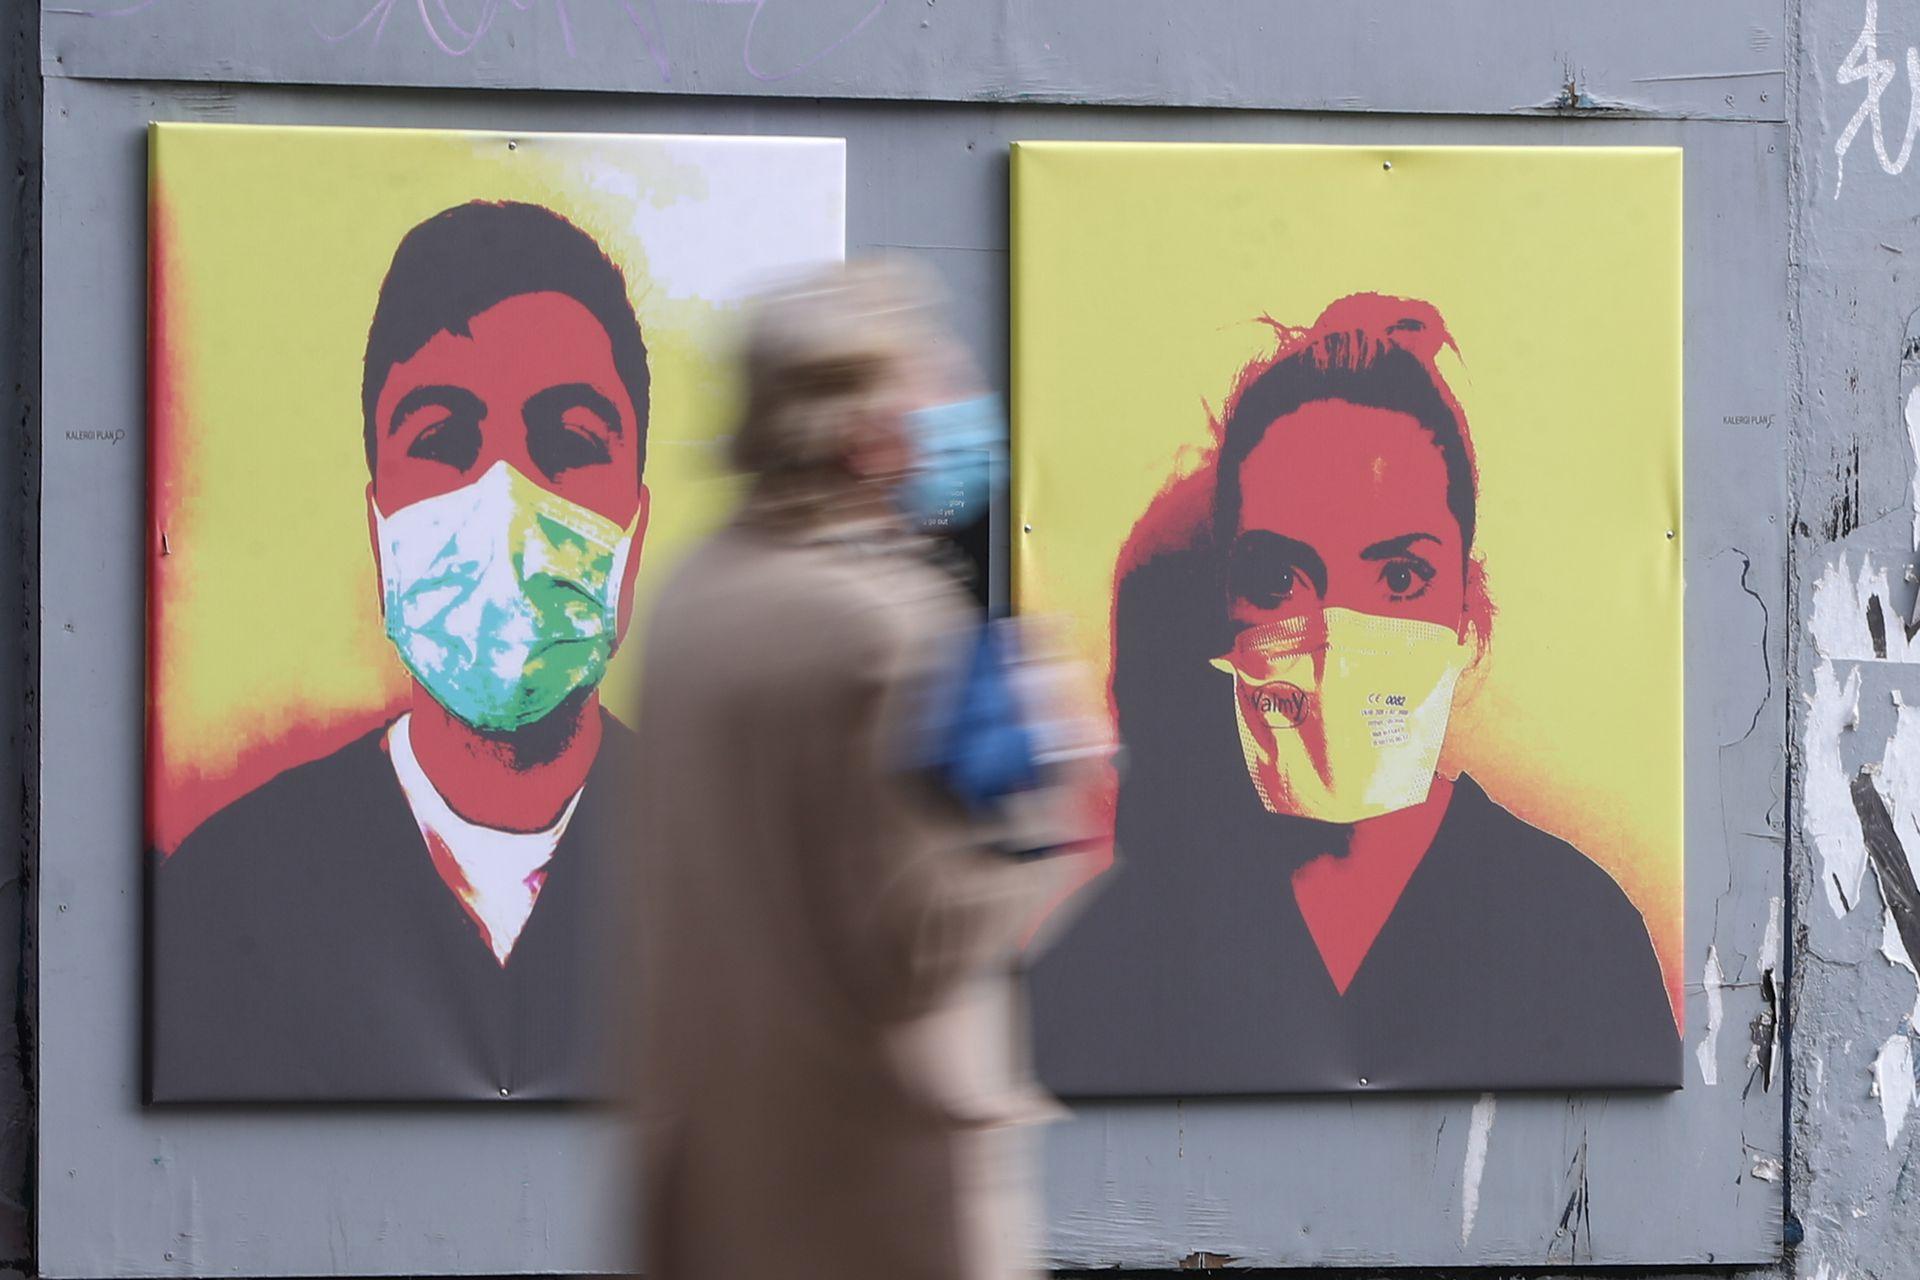 Graffiti creado por el colectivo SUBSET que muestra la imagen de los trabajadores de la salud con máscaras quirúrgicas, Dublín, Irlanda